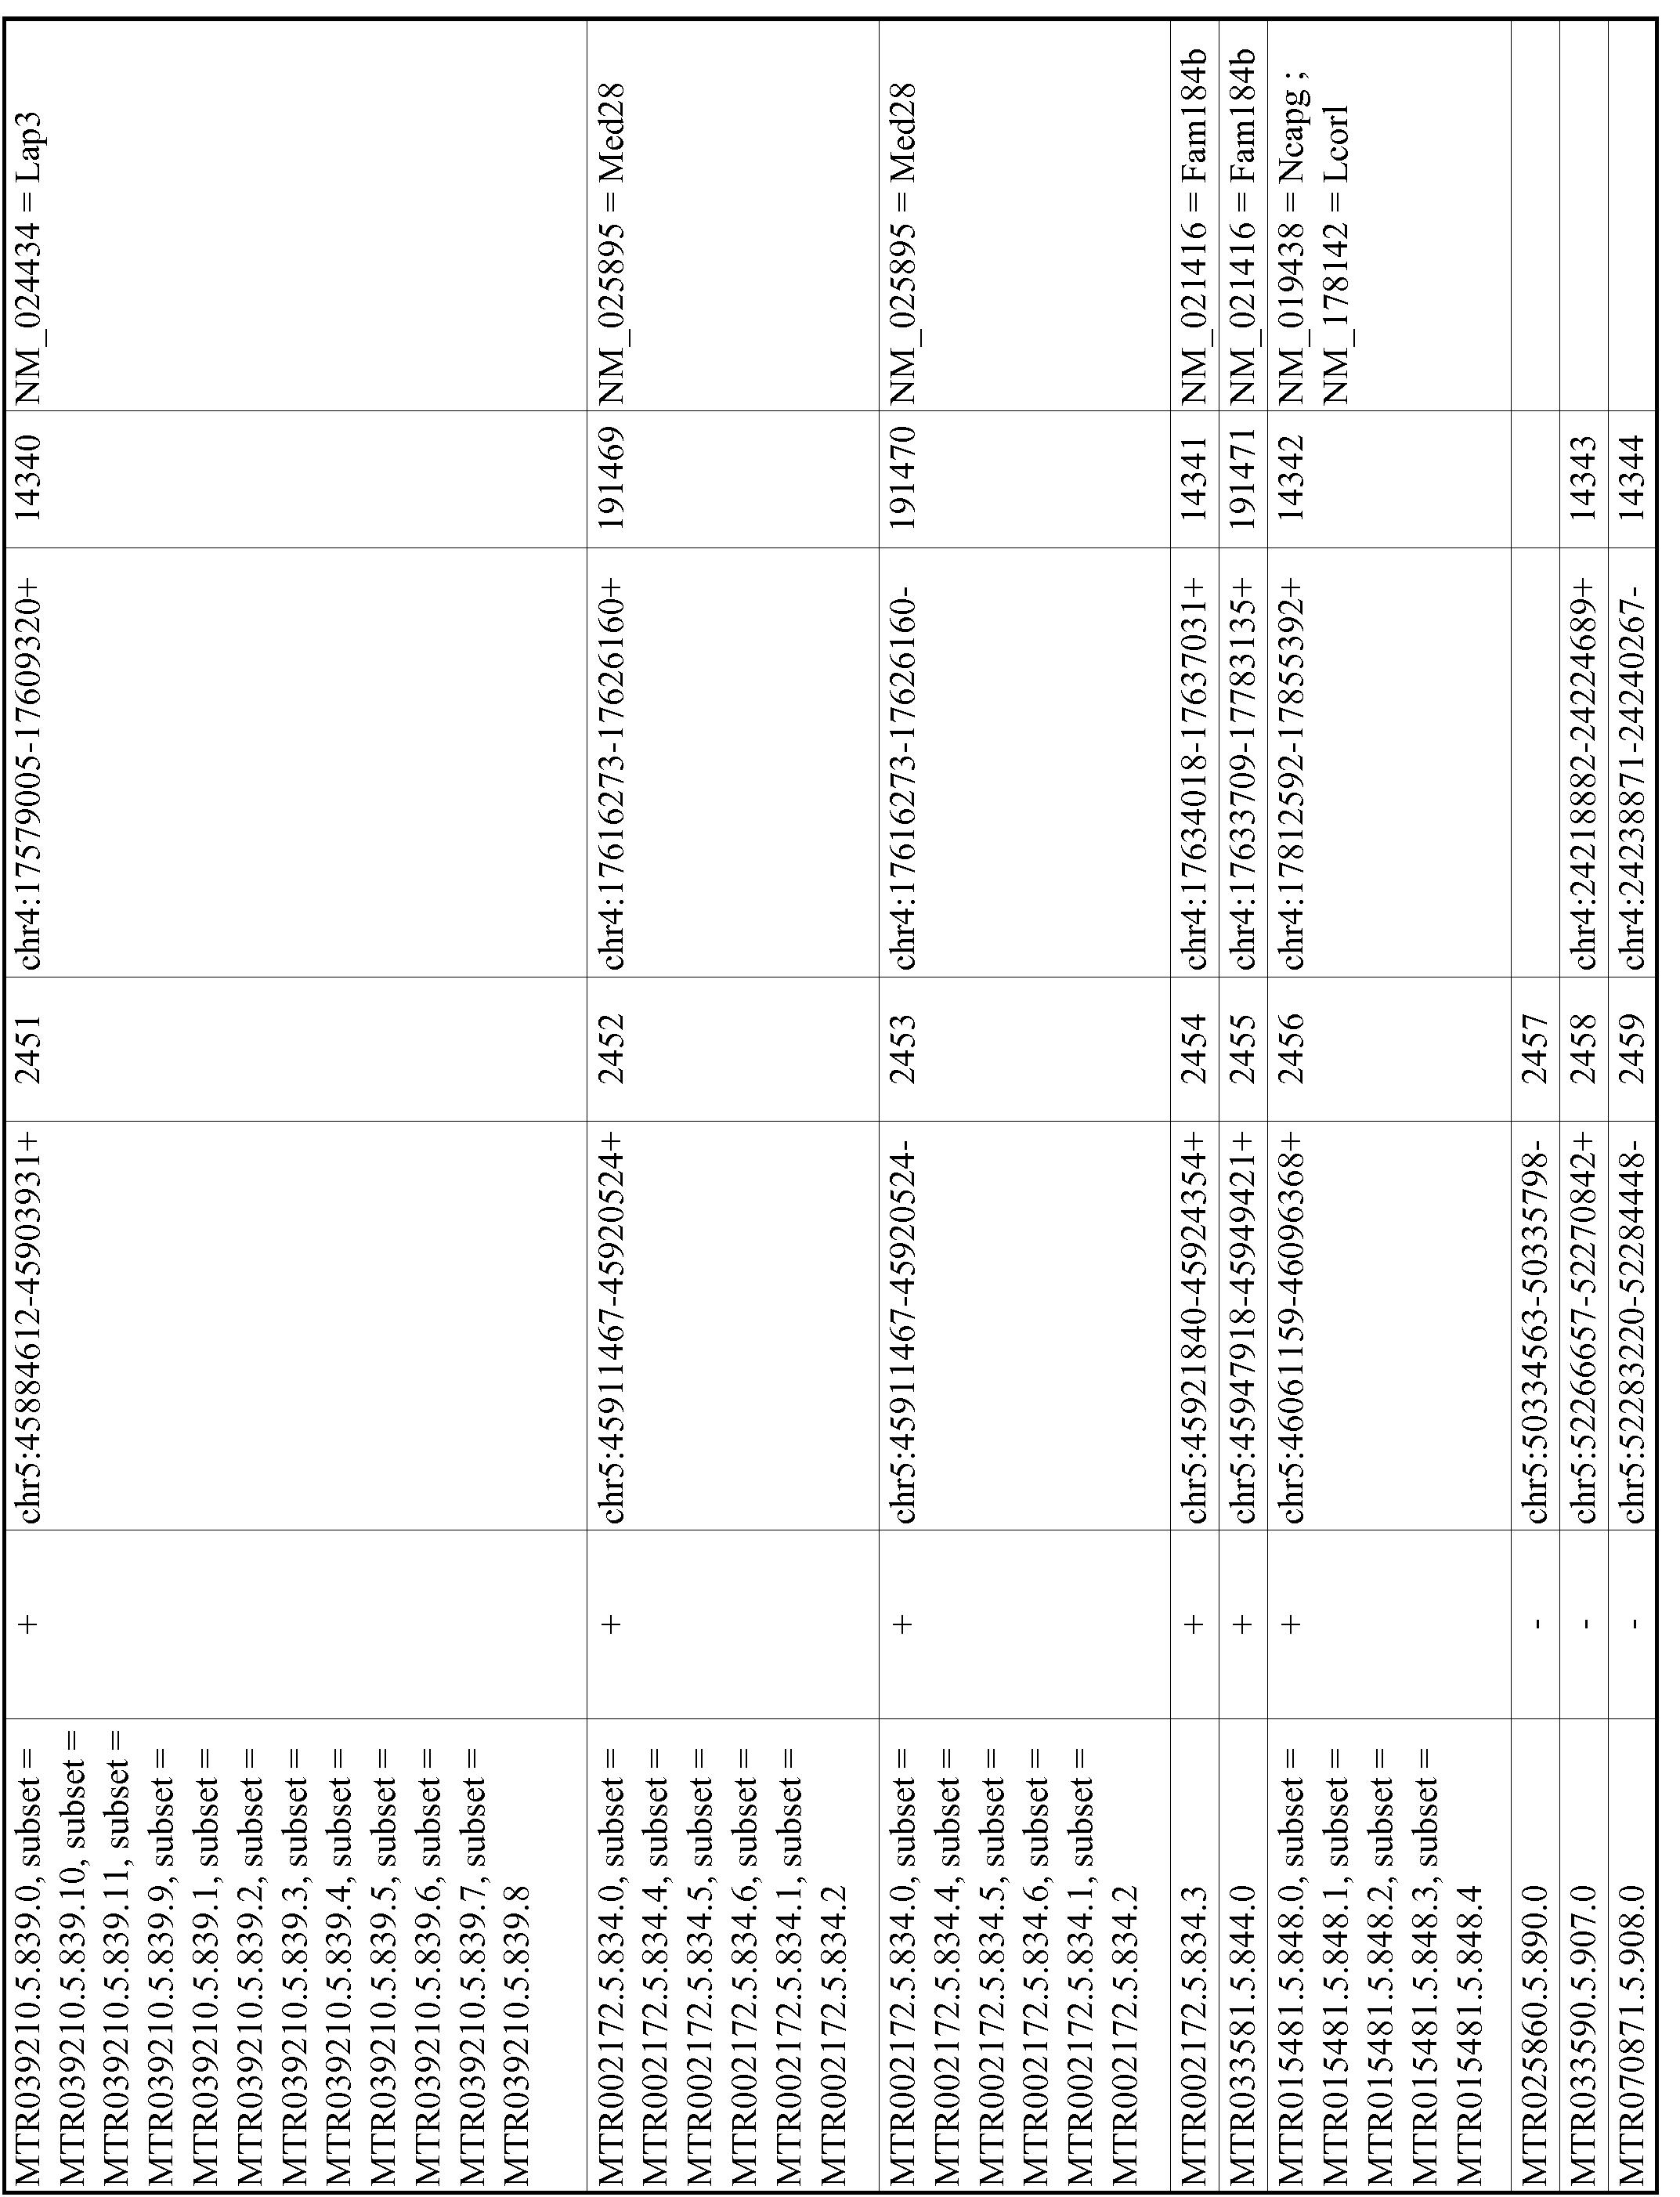 Figure imgf000526_0001